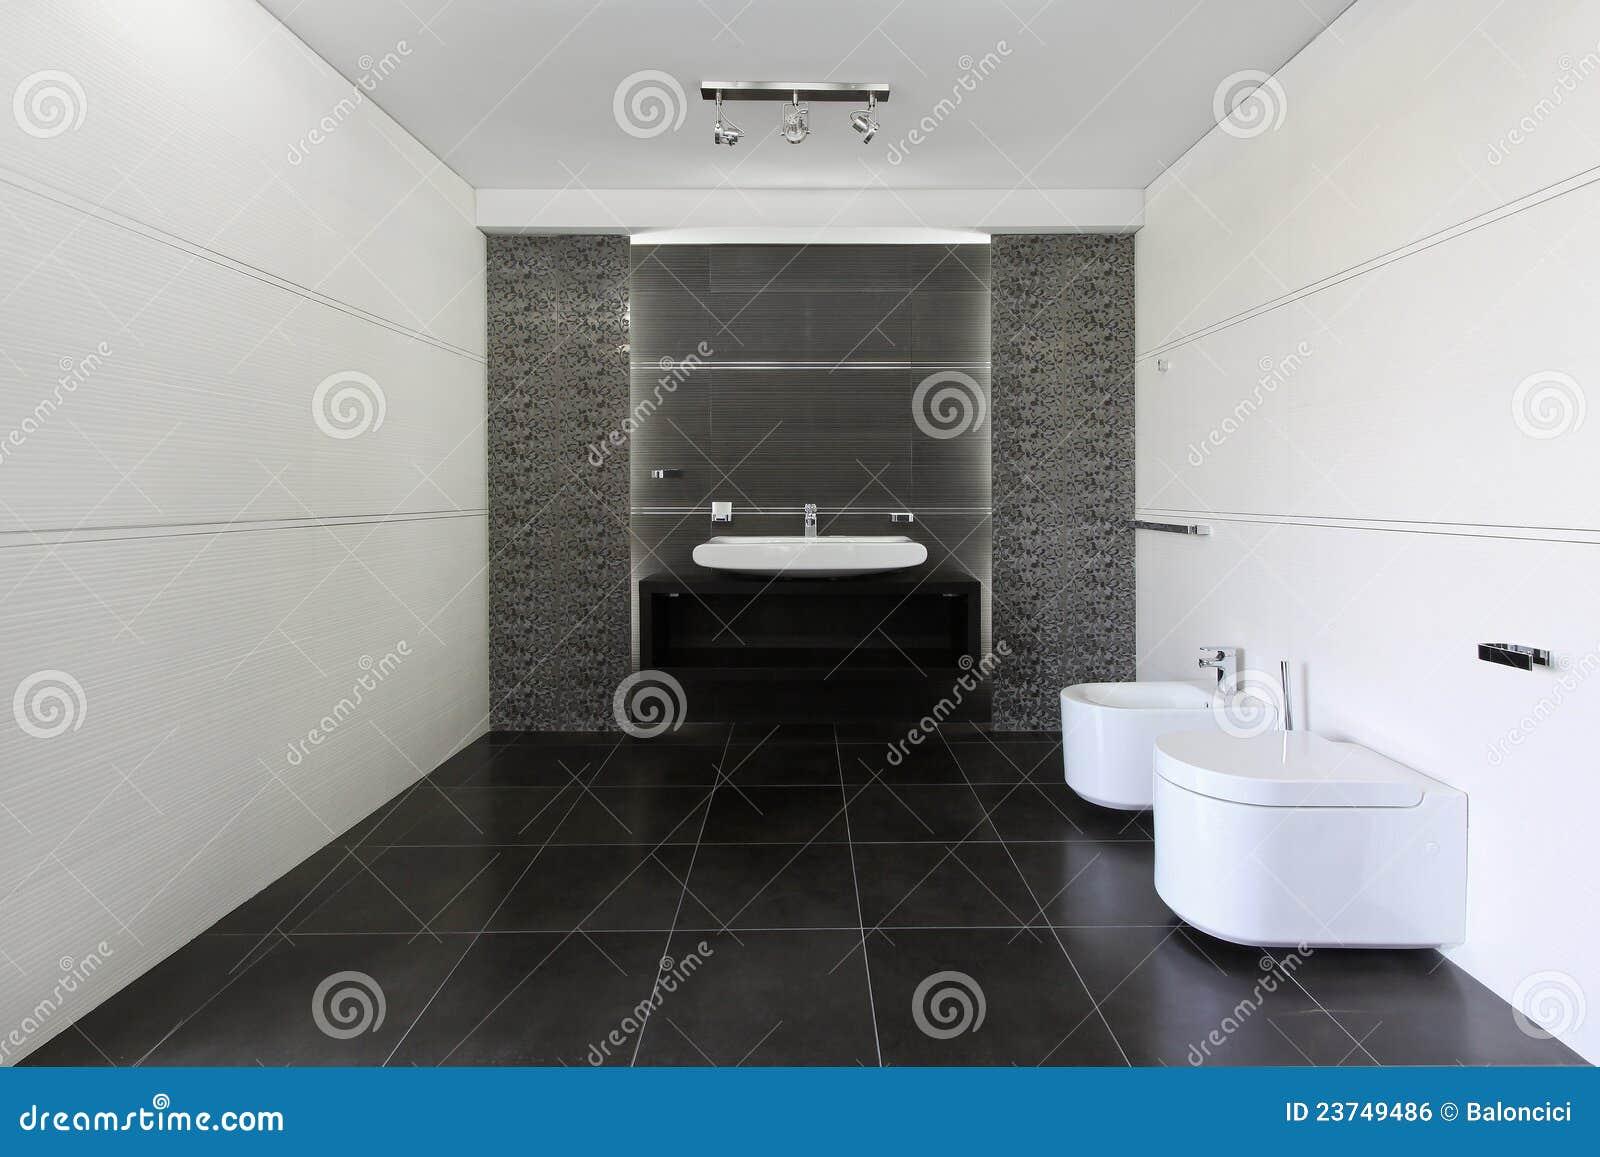 Salle de bains grise image libre de droits image 23749486 - Salle de bain blanche et grise ...